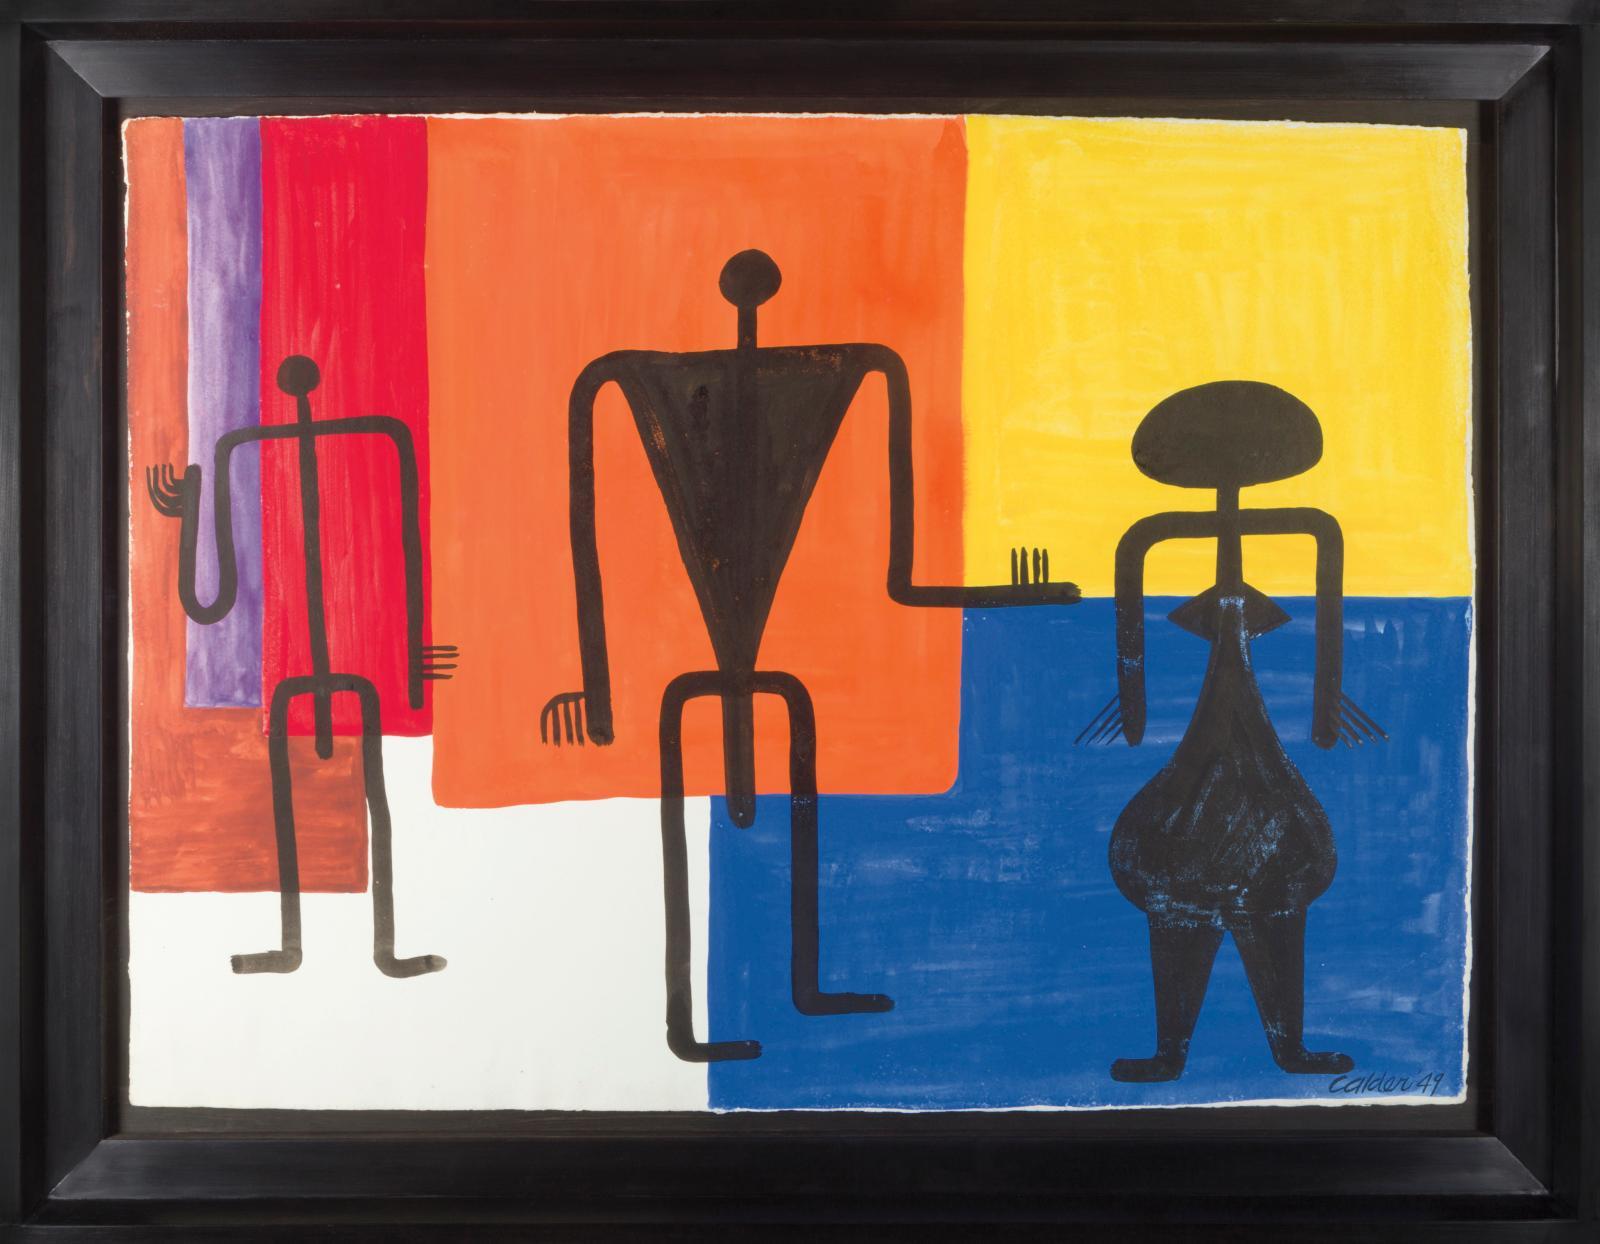 Alexander Calder (1898-1976), Composition, 1949, gouache et encre sur papier, 57,2x 78,7cm. Galerie Brame & Lorenceau. Courtesy Galerie